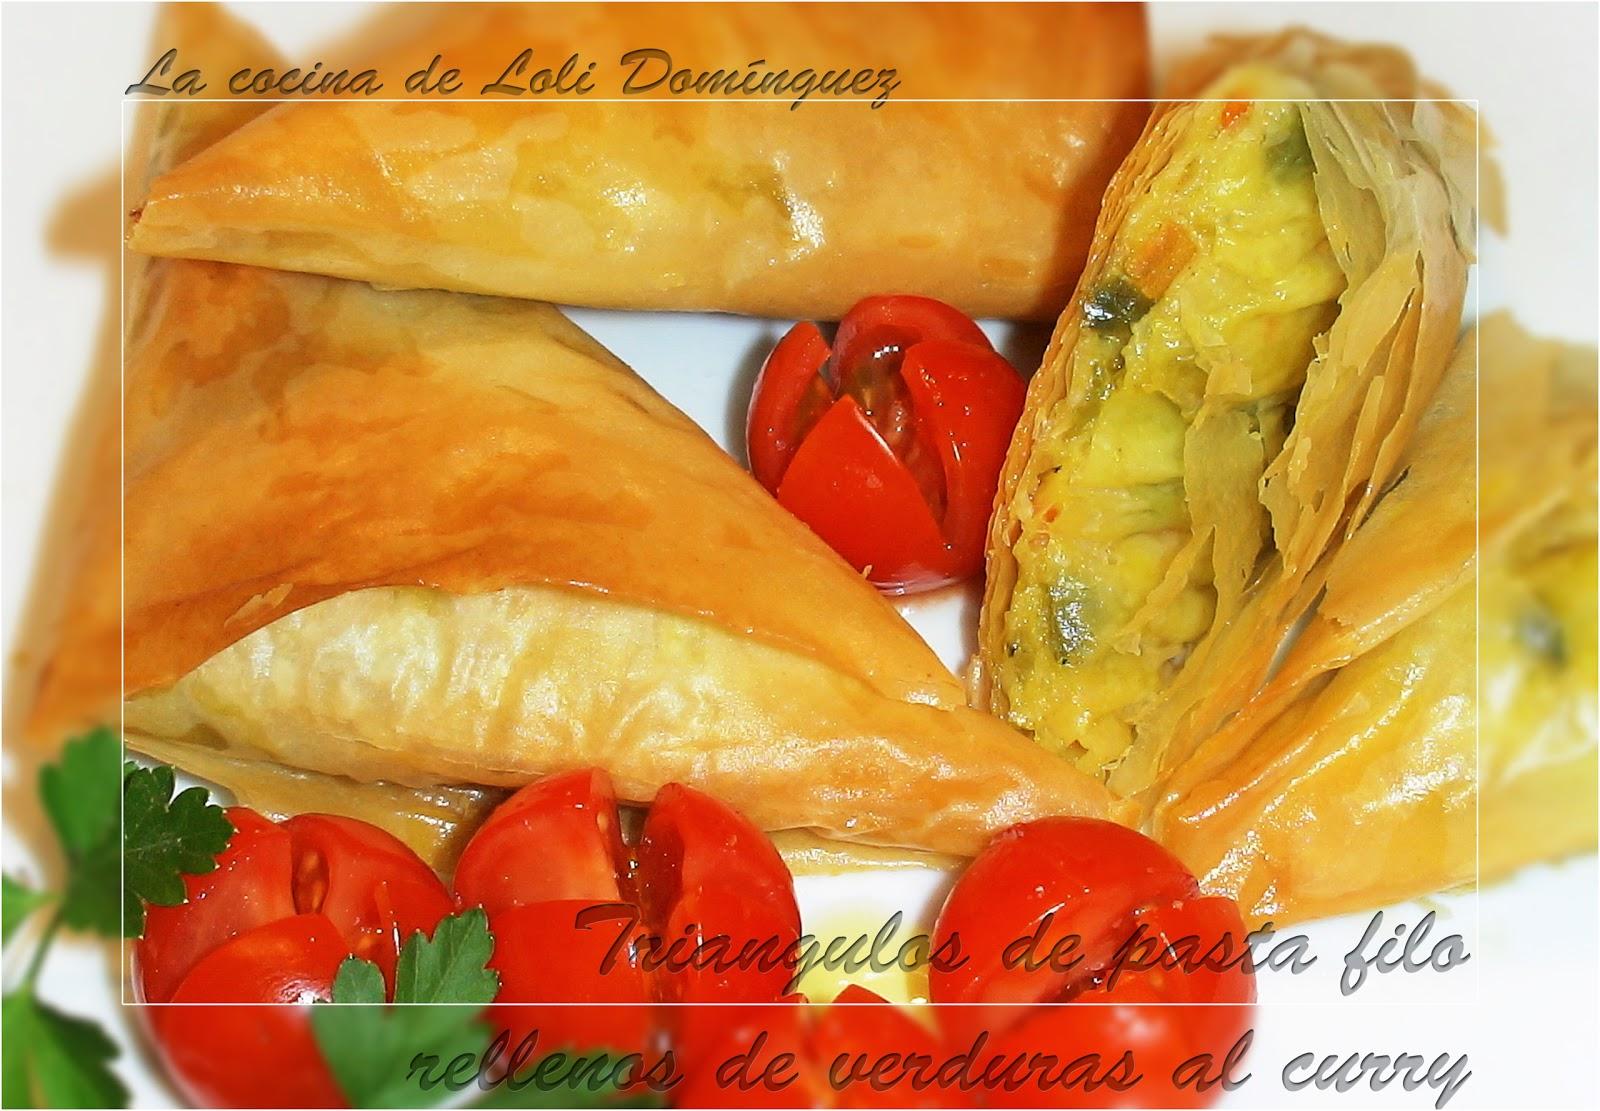 Triangulos de pasta filo rellenos de verduras al curry